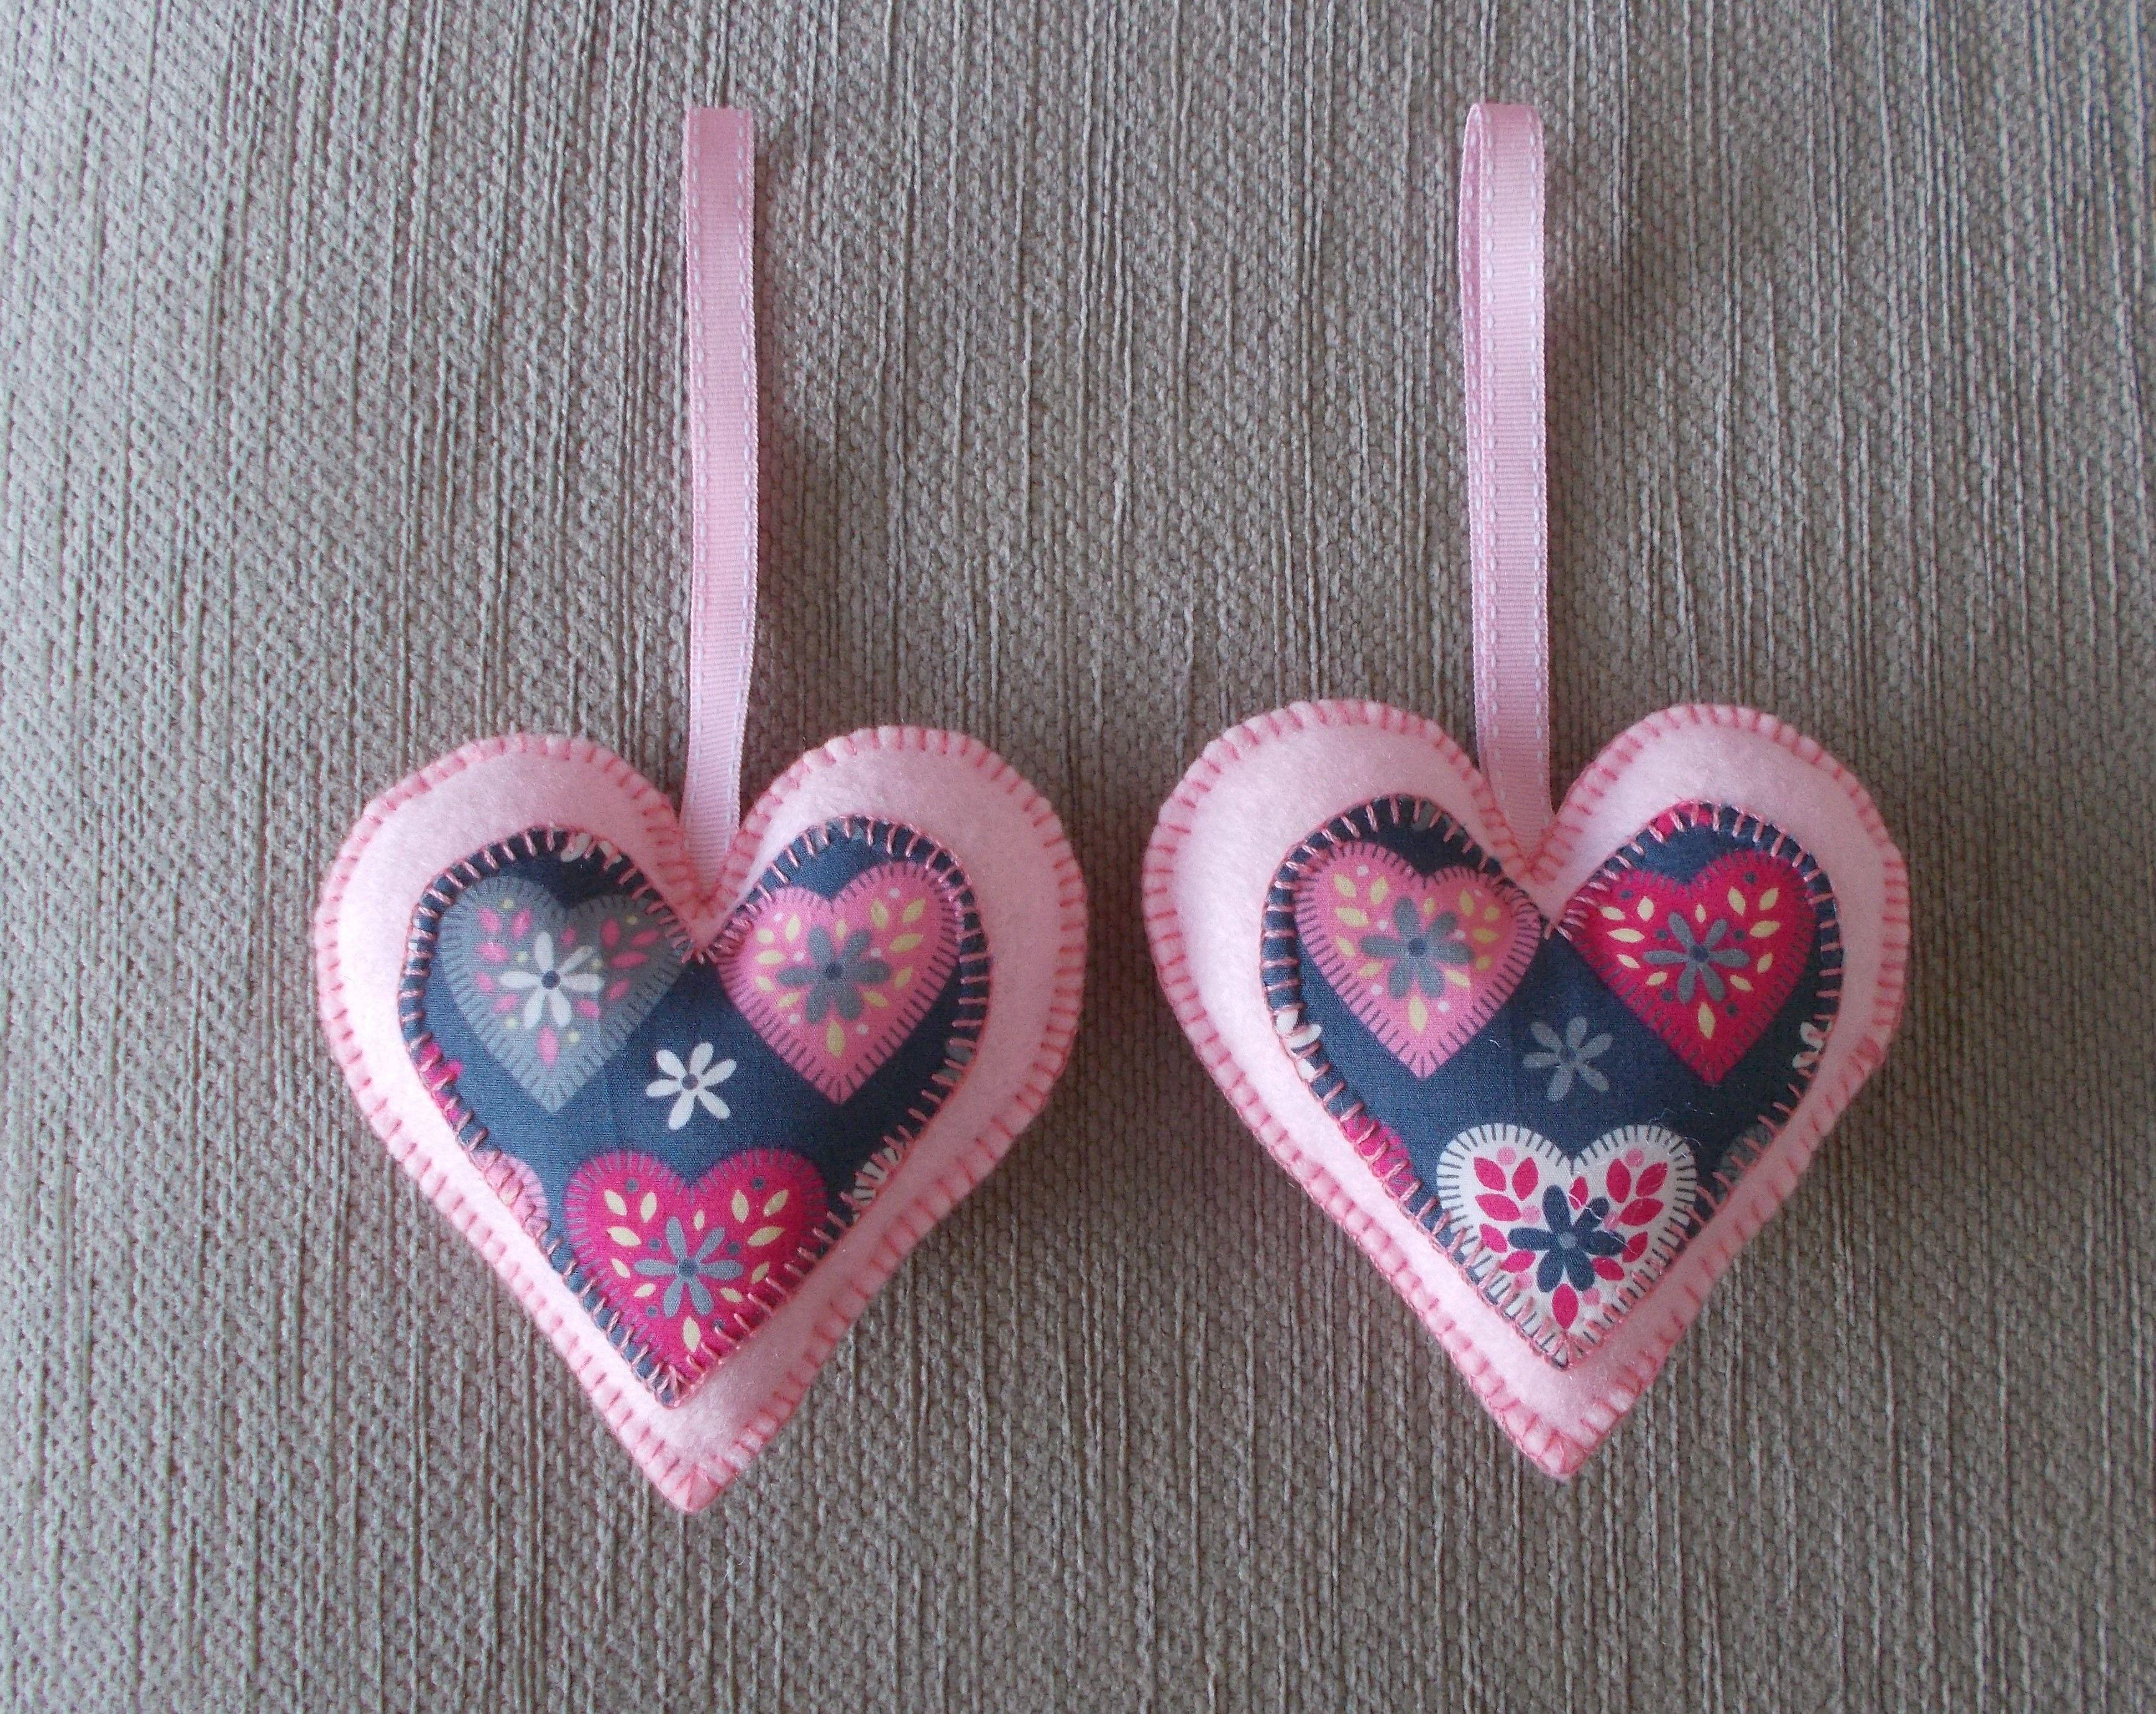 A Handmade Pair Of Pink Felt Love Heart Hanging Decorations Handmade Pink Love Heart